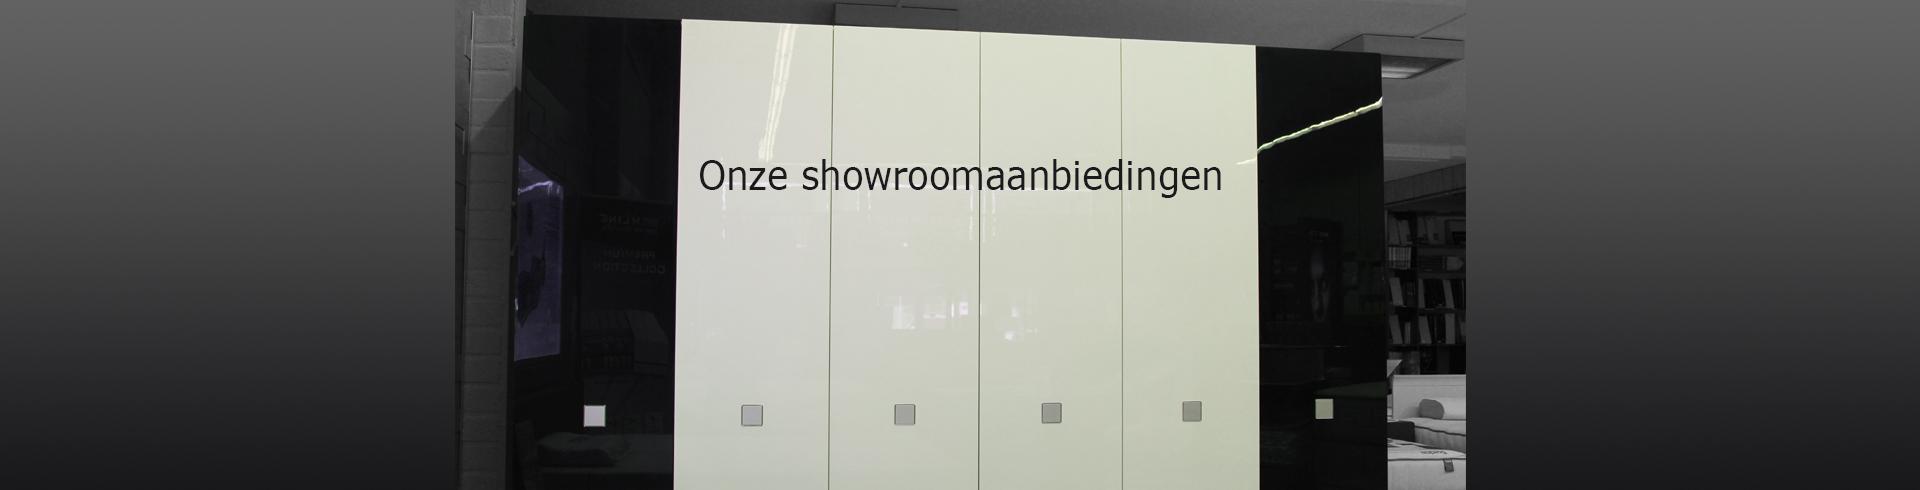 Showroomaanbiedingen